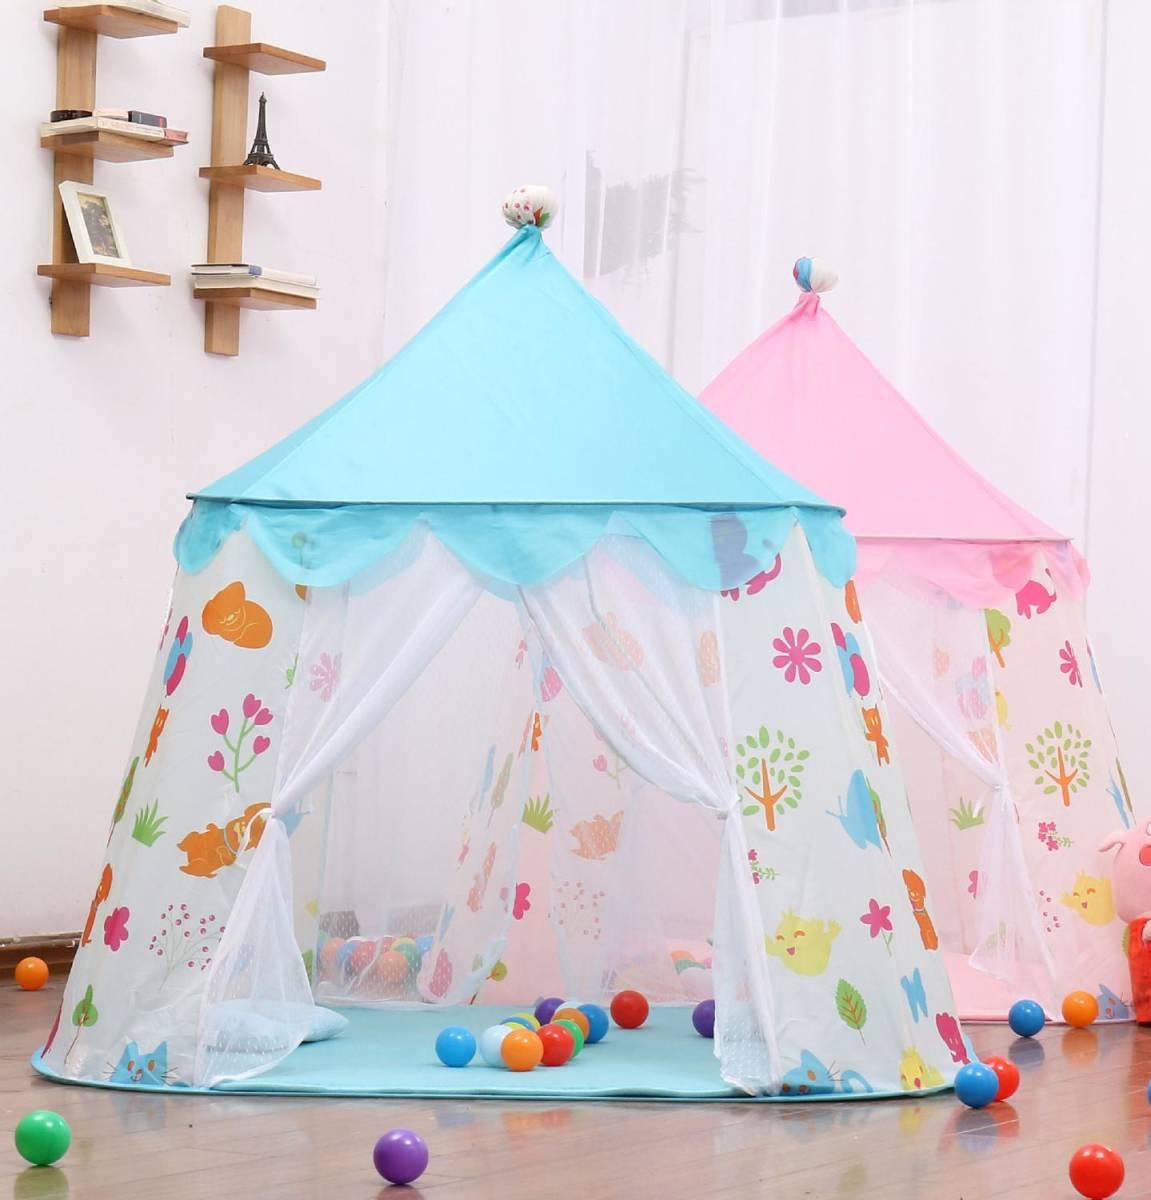 子供 ティピ キッズ 屋内 ベッド 家 ポータブル リトル ハウス ティーピー GR0025flag4 テント キャンプ アウトドア_画像3